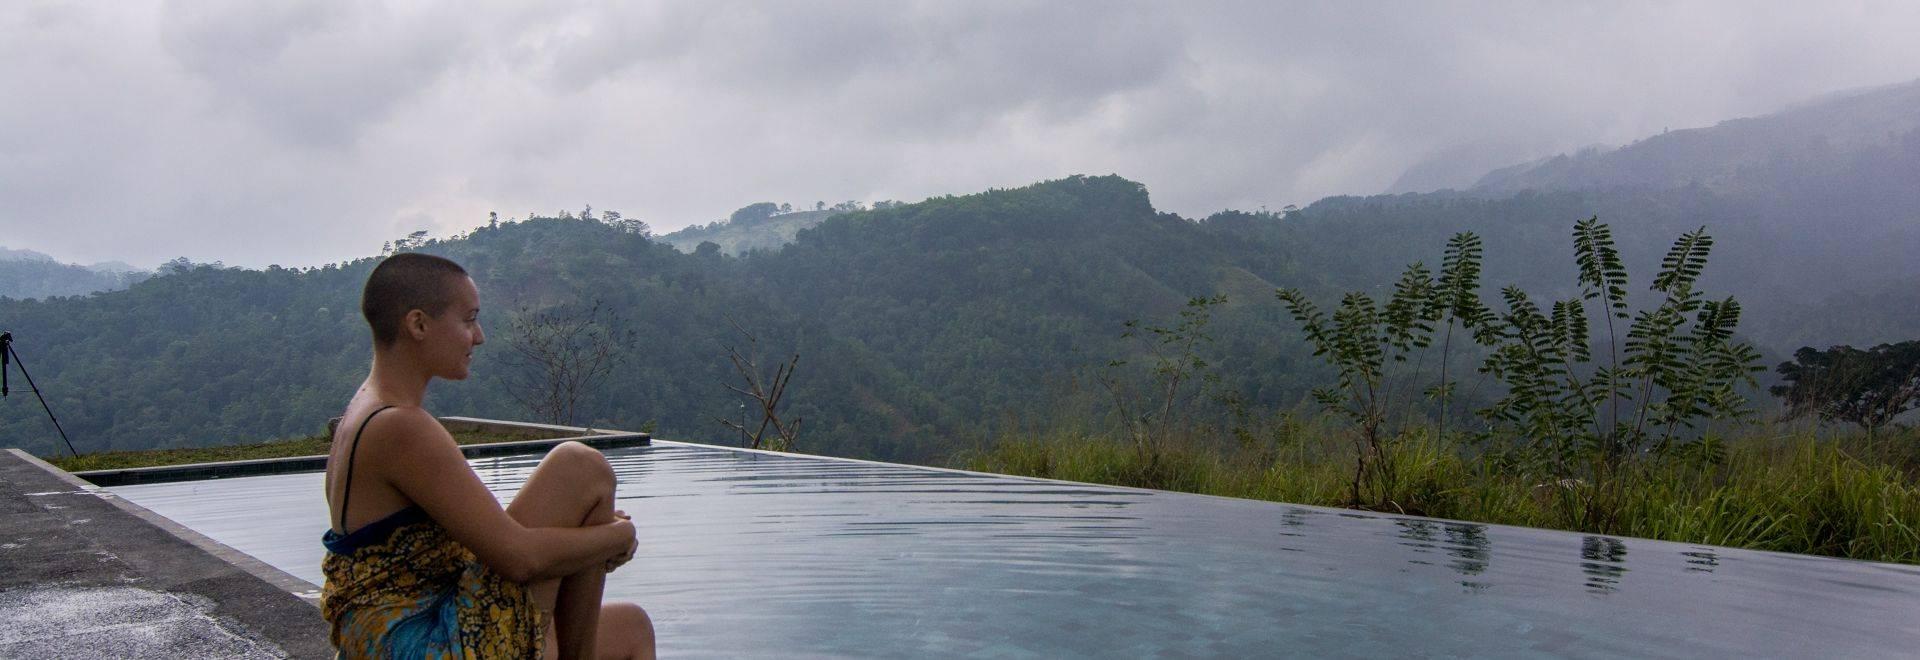 Santani-poolside-guest.jpg